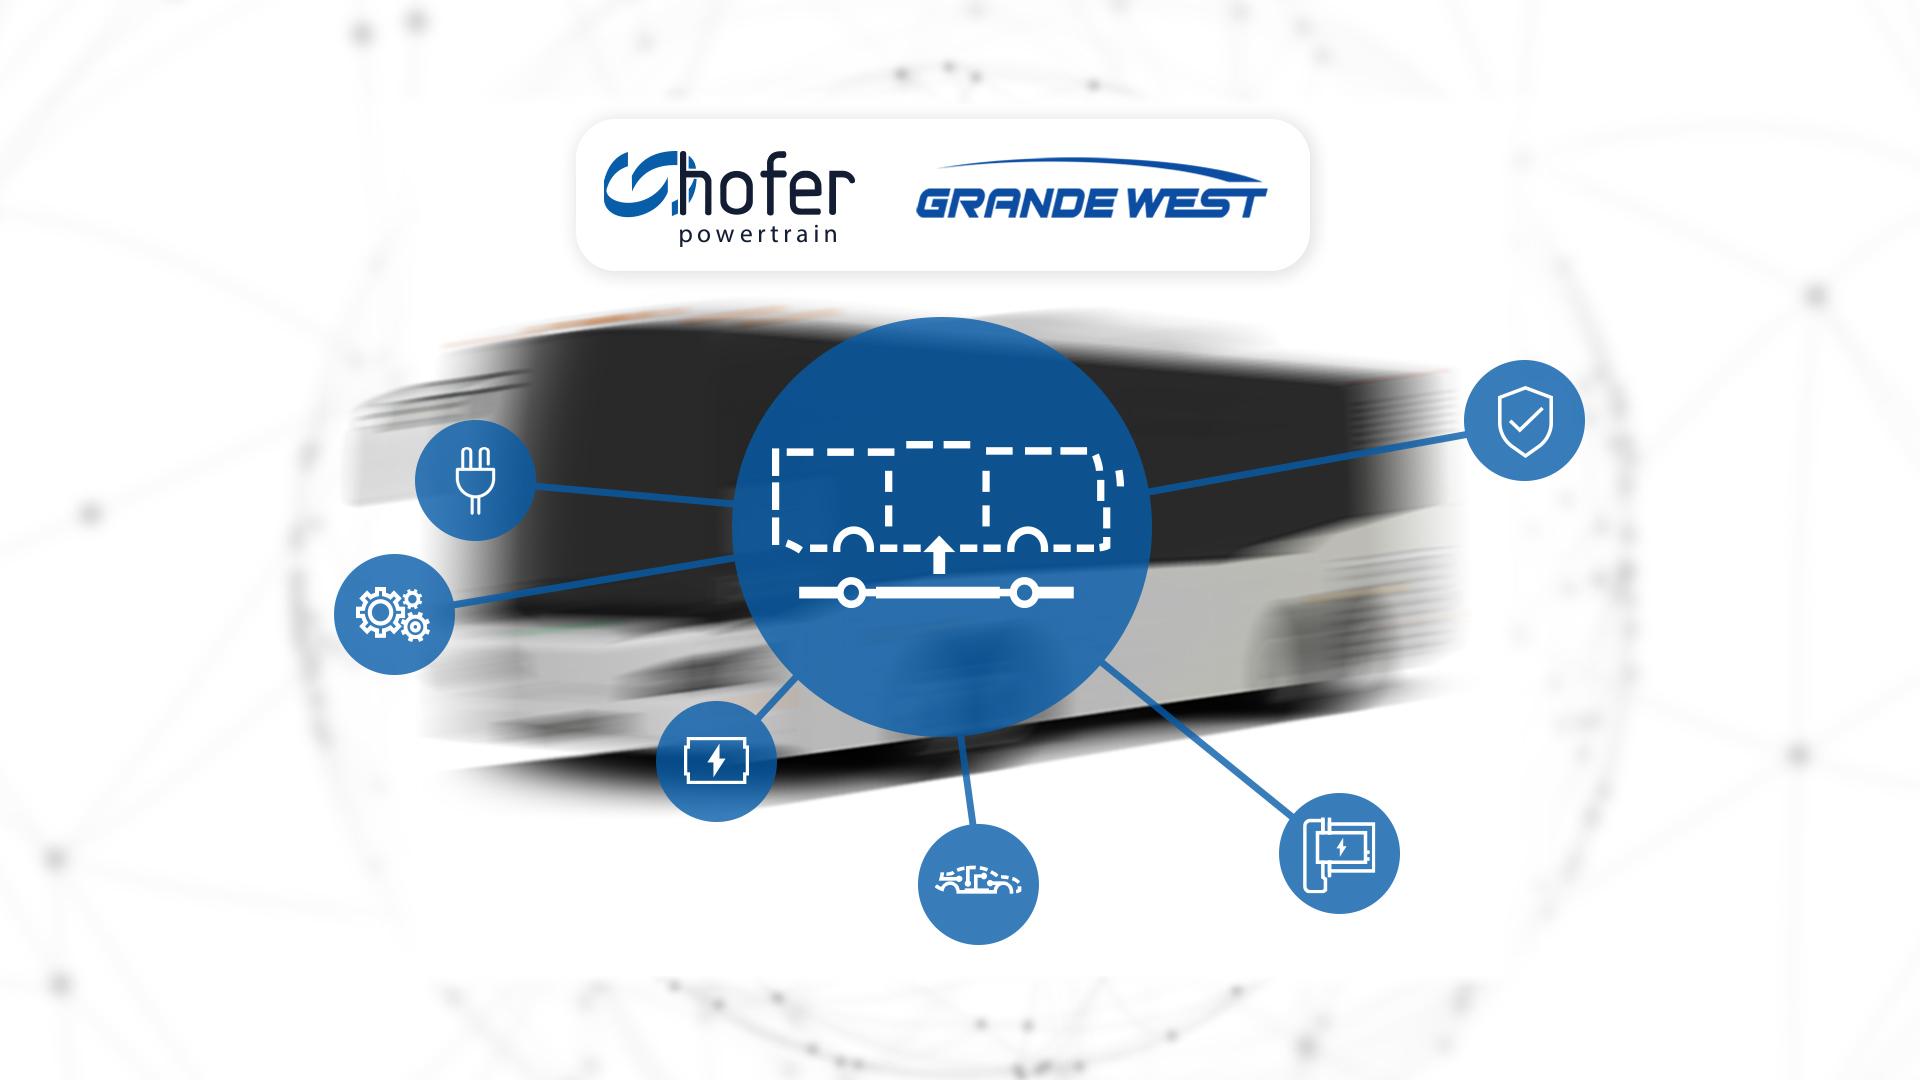 Grande West chooses hofer powertrain for EV drivetrain system integration and implementation.